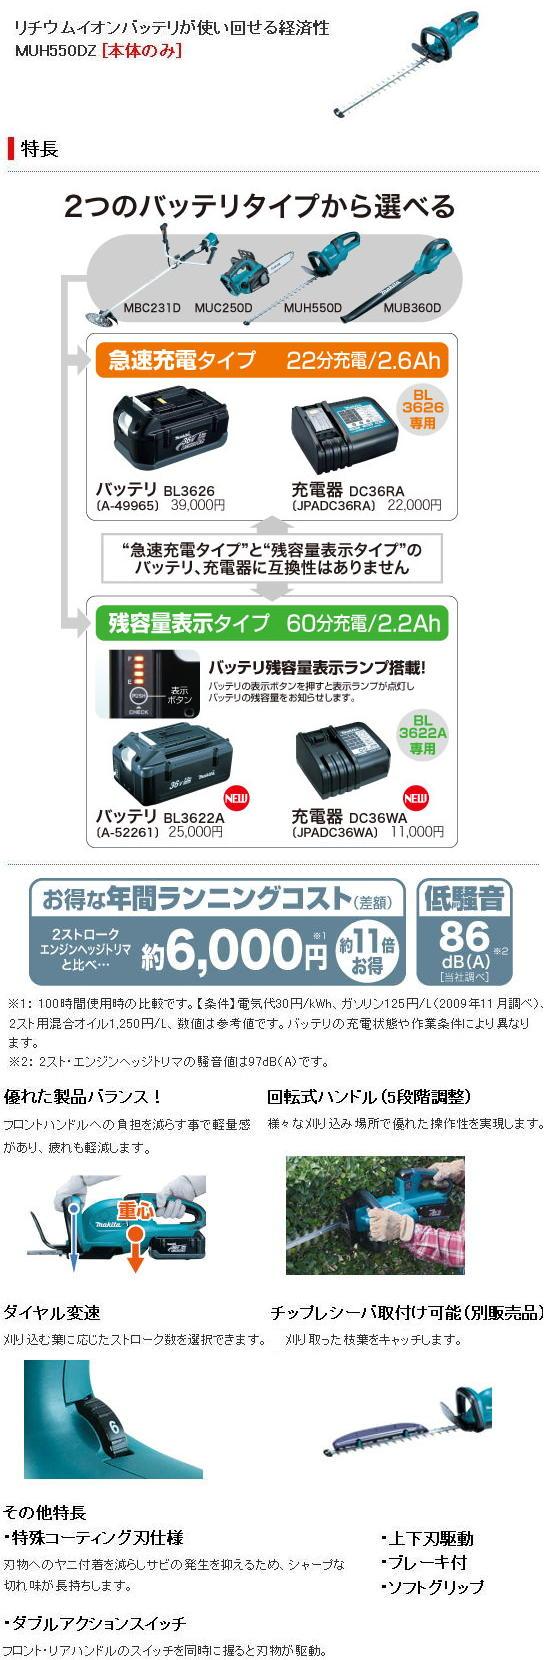 マキタ 36V充電式ヘッジトリマ MUH550D